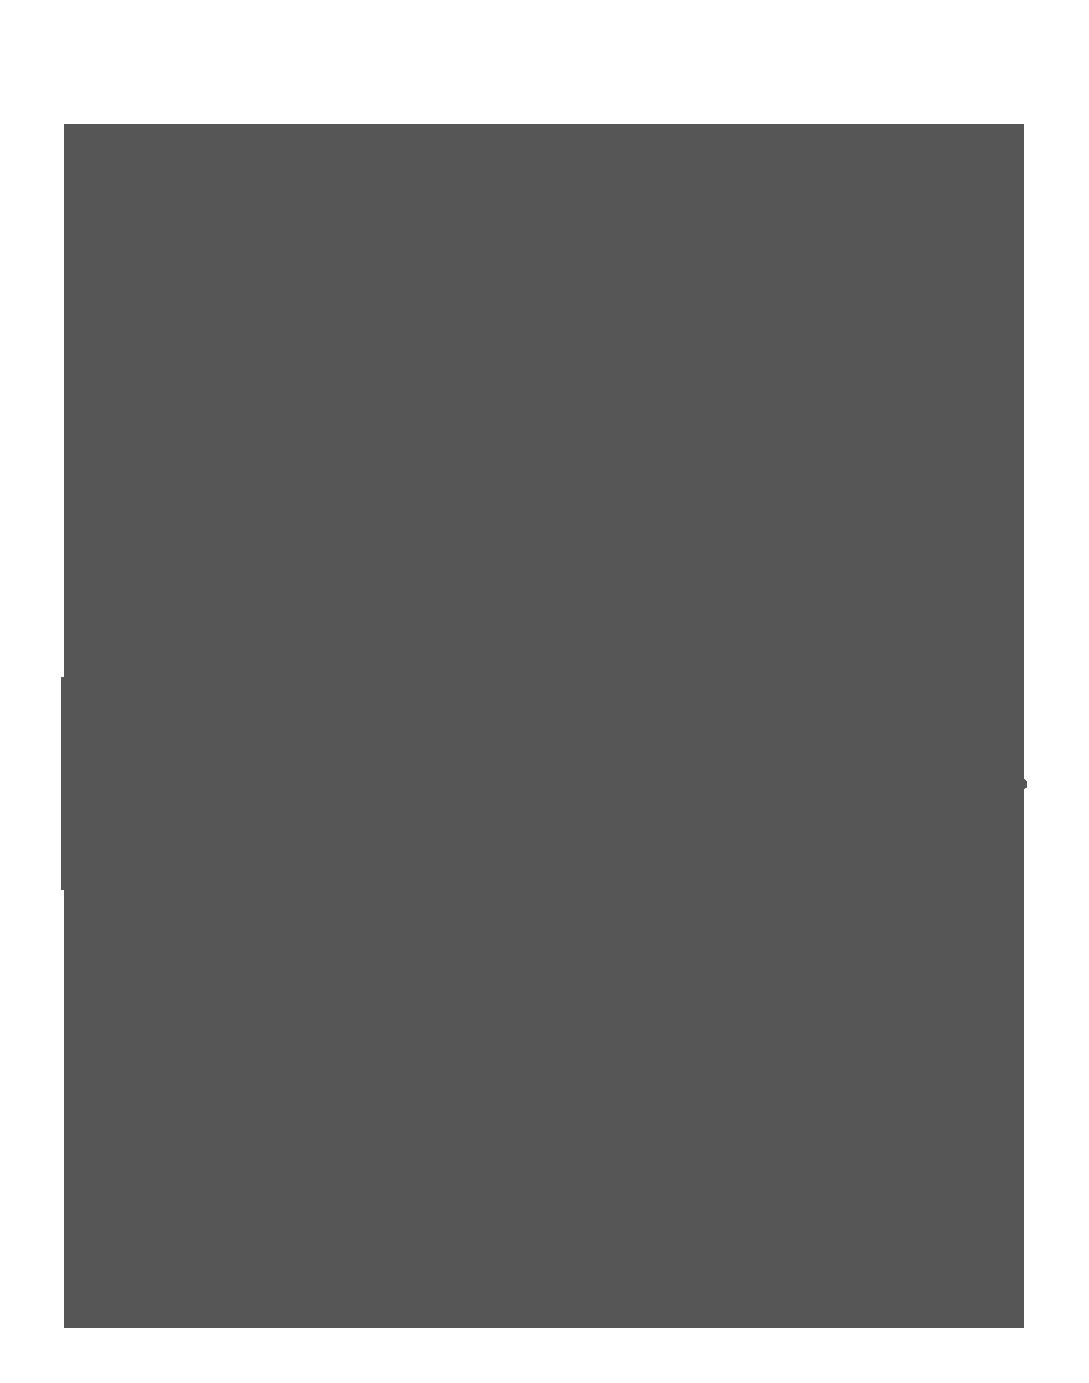 HOF-mermaid-badge-of-courage-w-logos.png